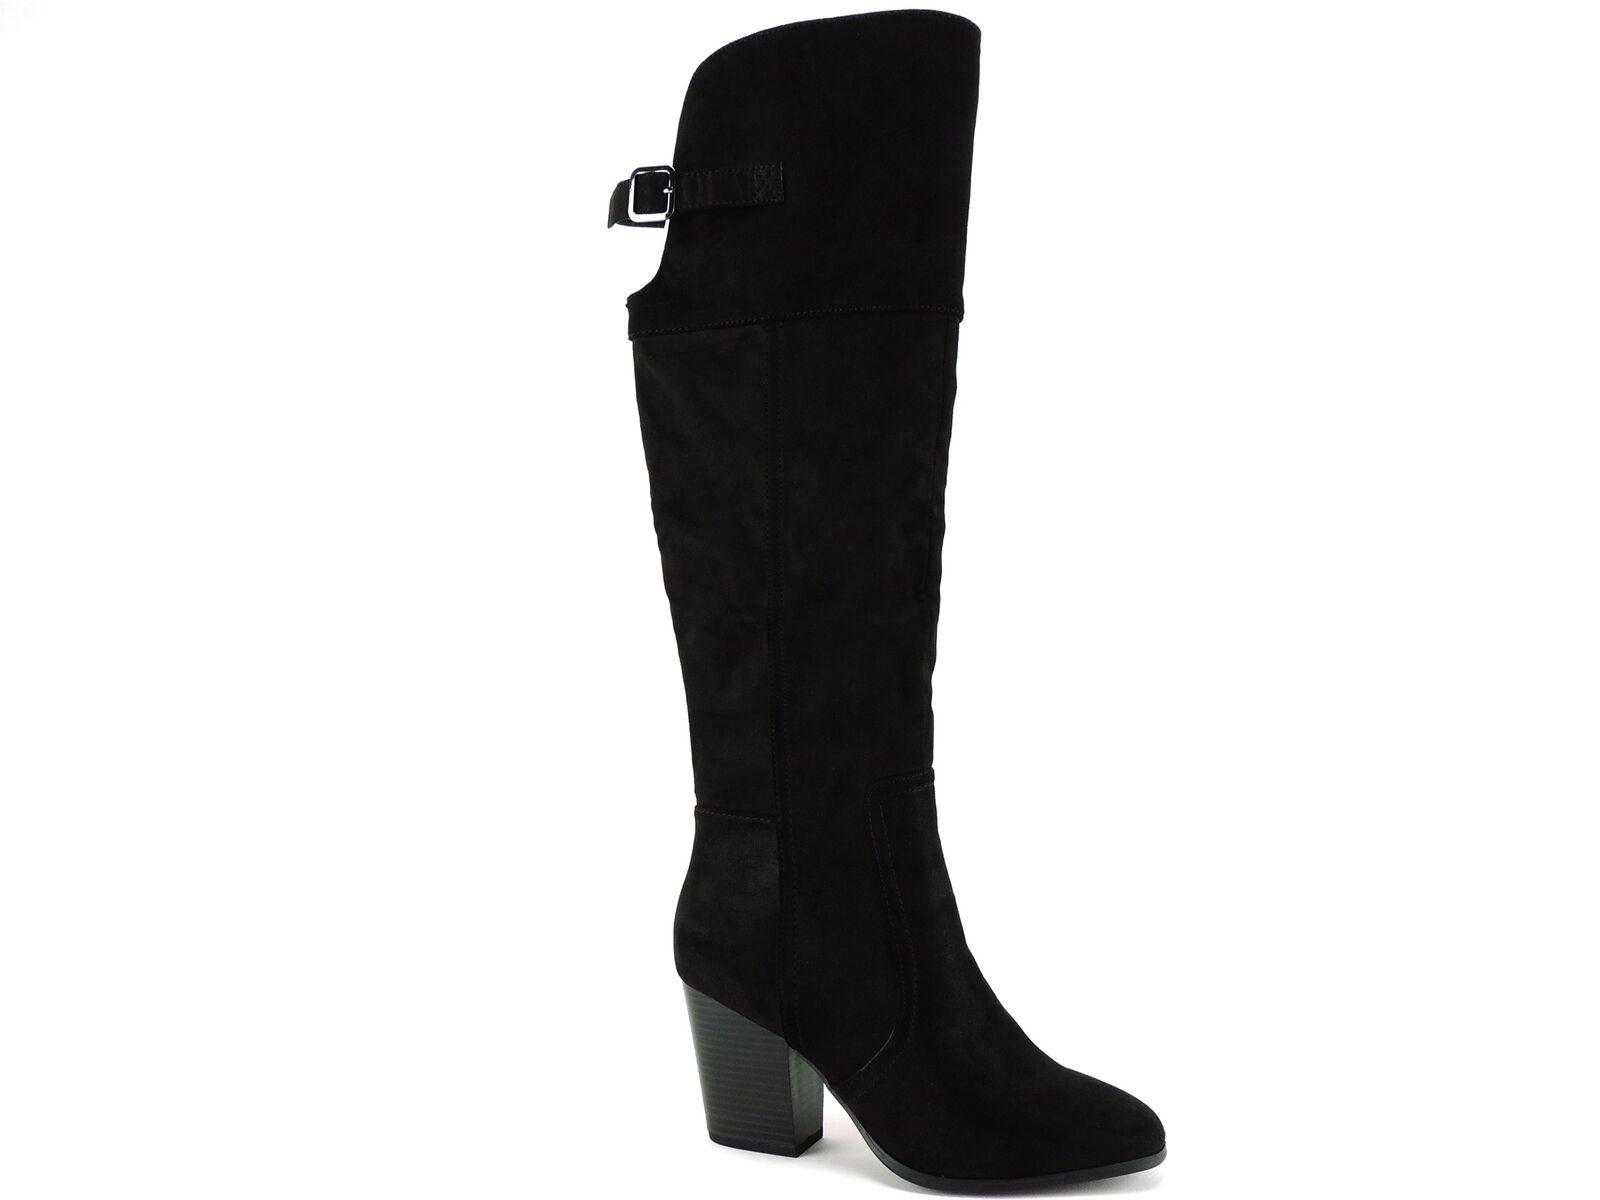 Easy Street Street Street Mujer Maxwell sobre la rodilla botas Negras Talla 8.5 de ancho  Las ventas en línea ahorran un 70%.